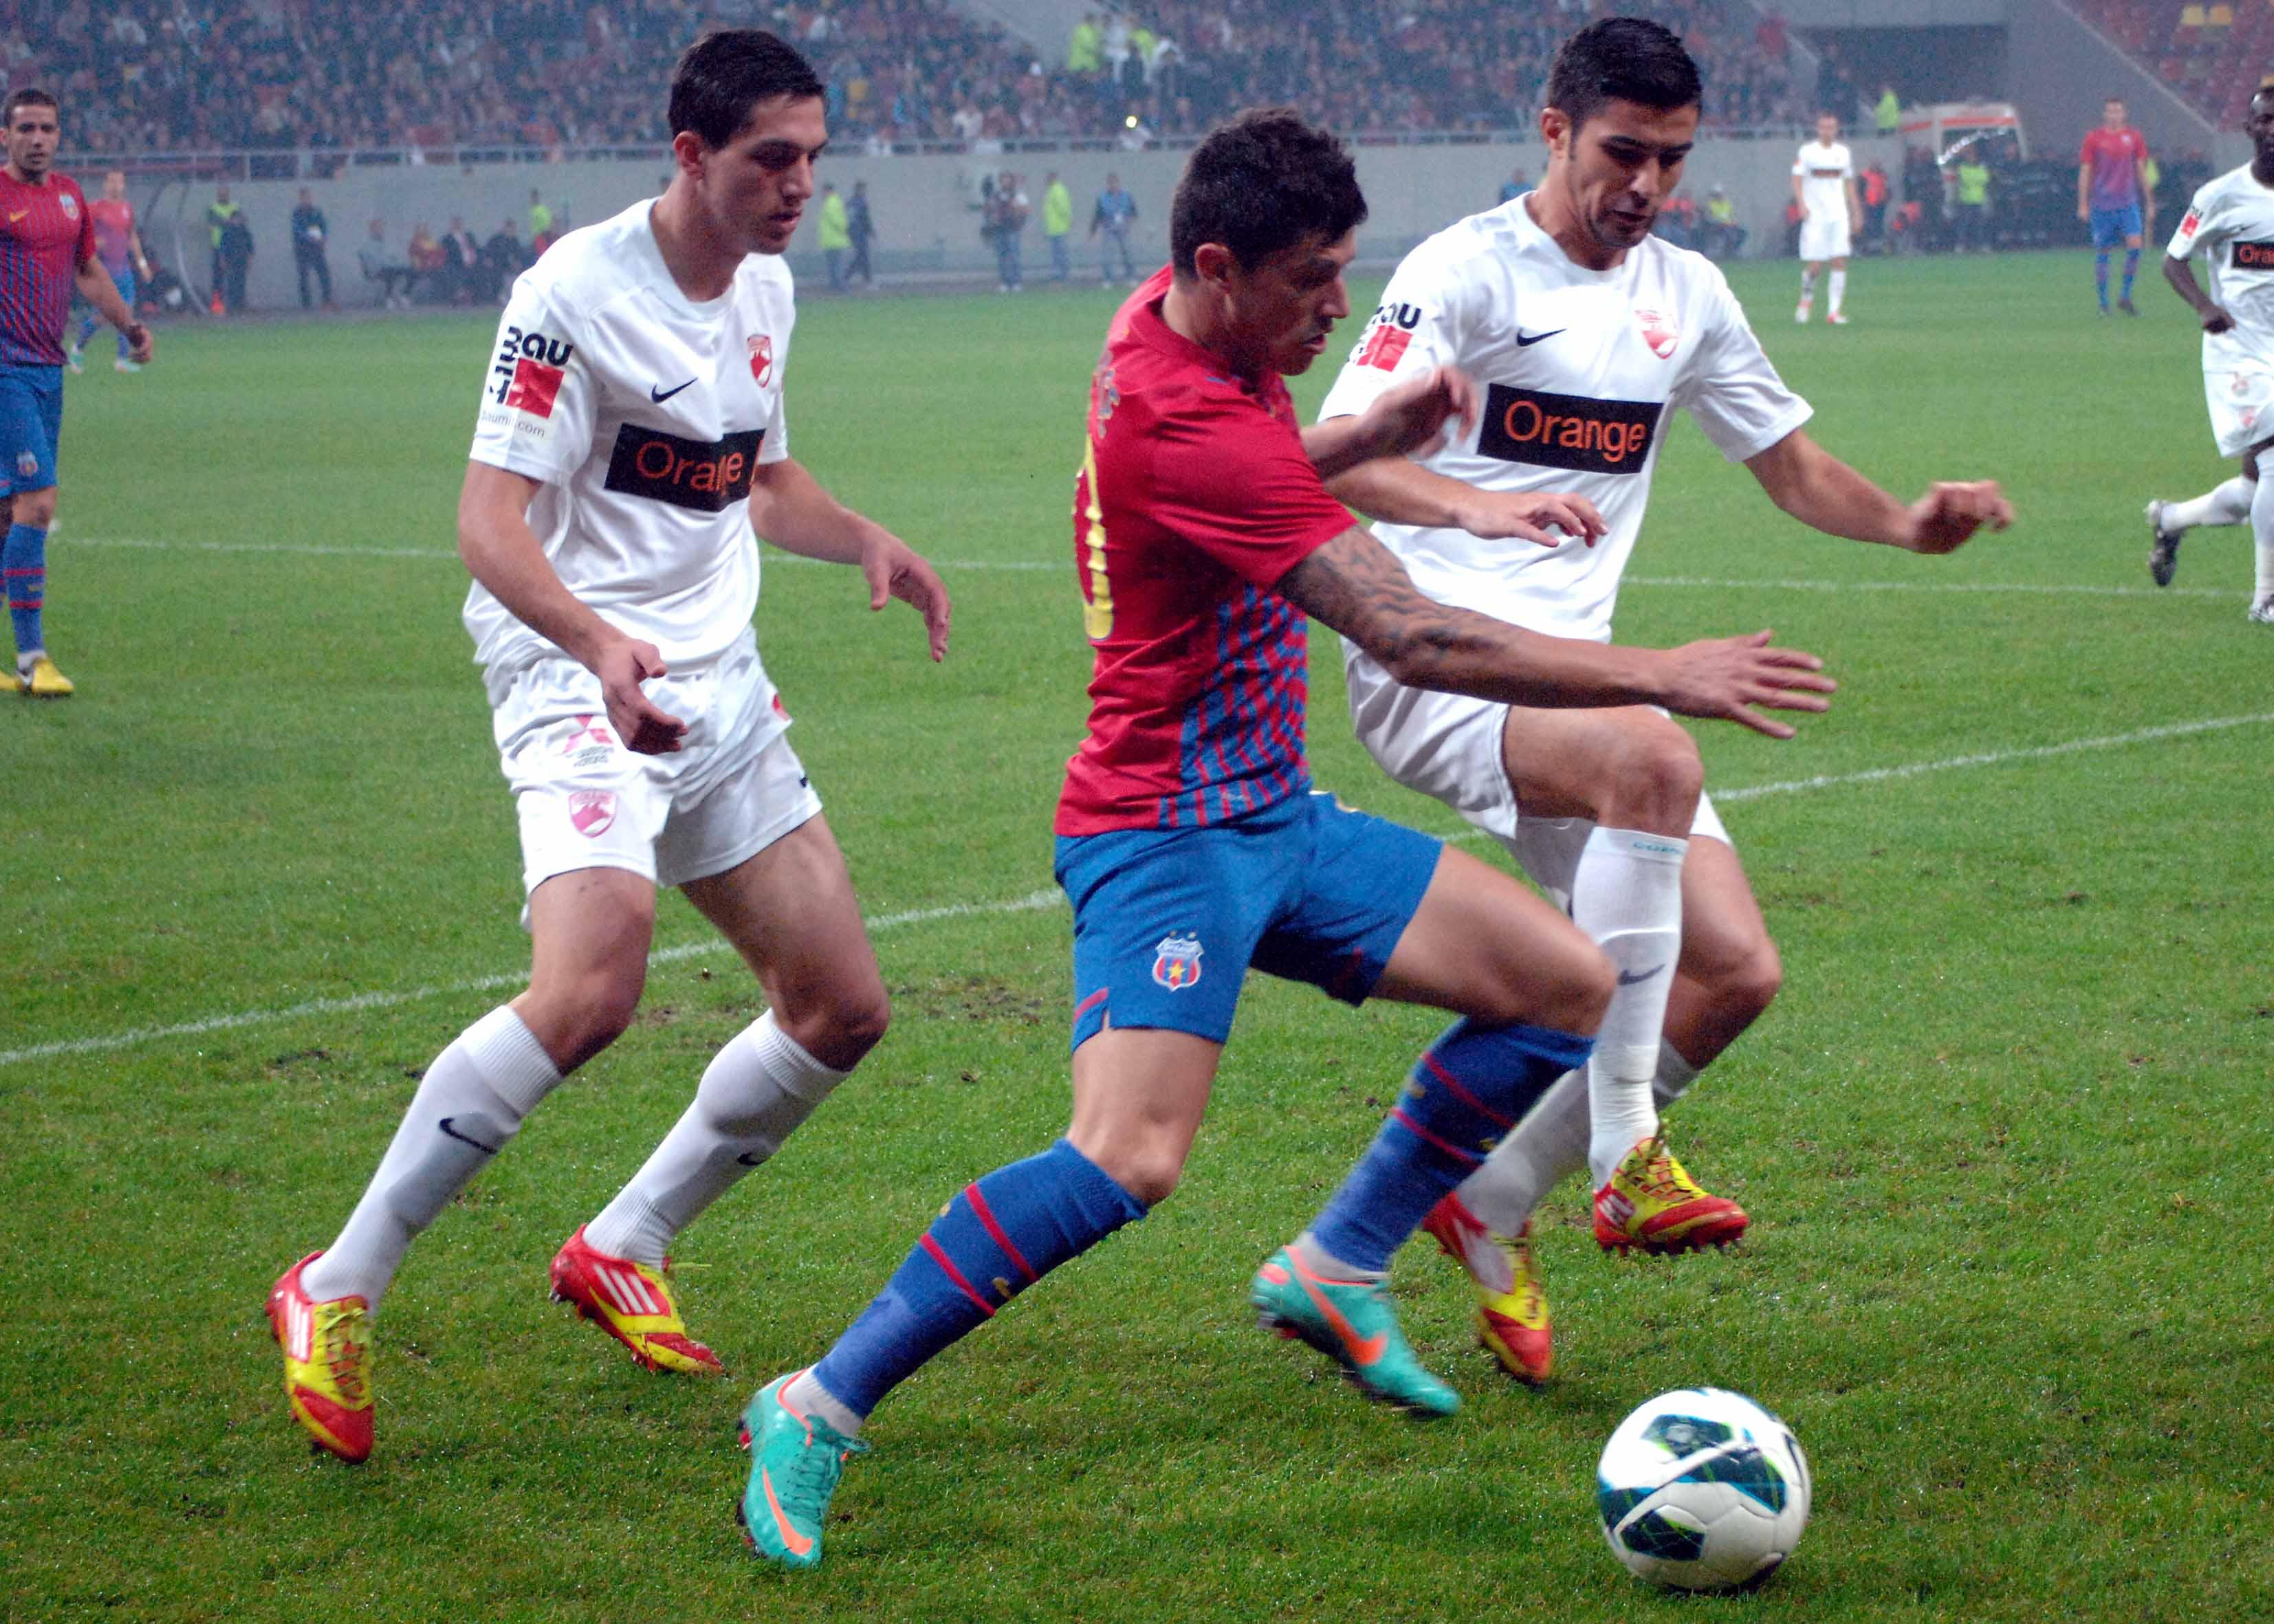 FOTBAL:STEAUA BUCURESTI-DINAMO BUCURESTI 3-1,LIGA 1 (4.11.2012)